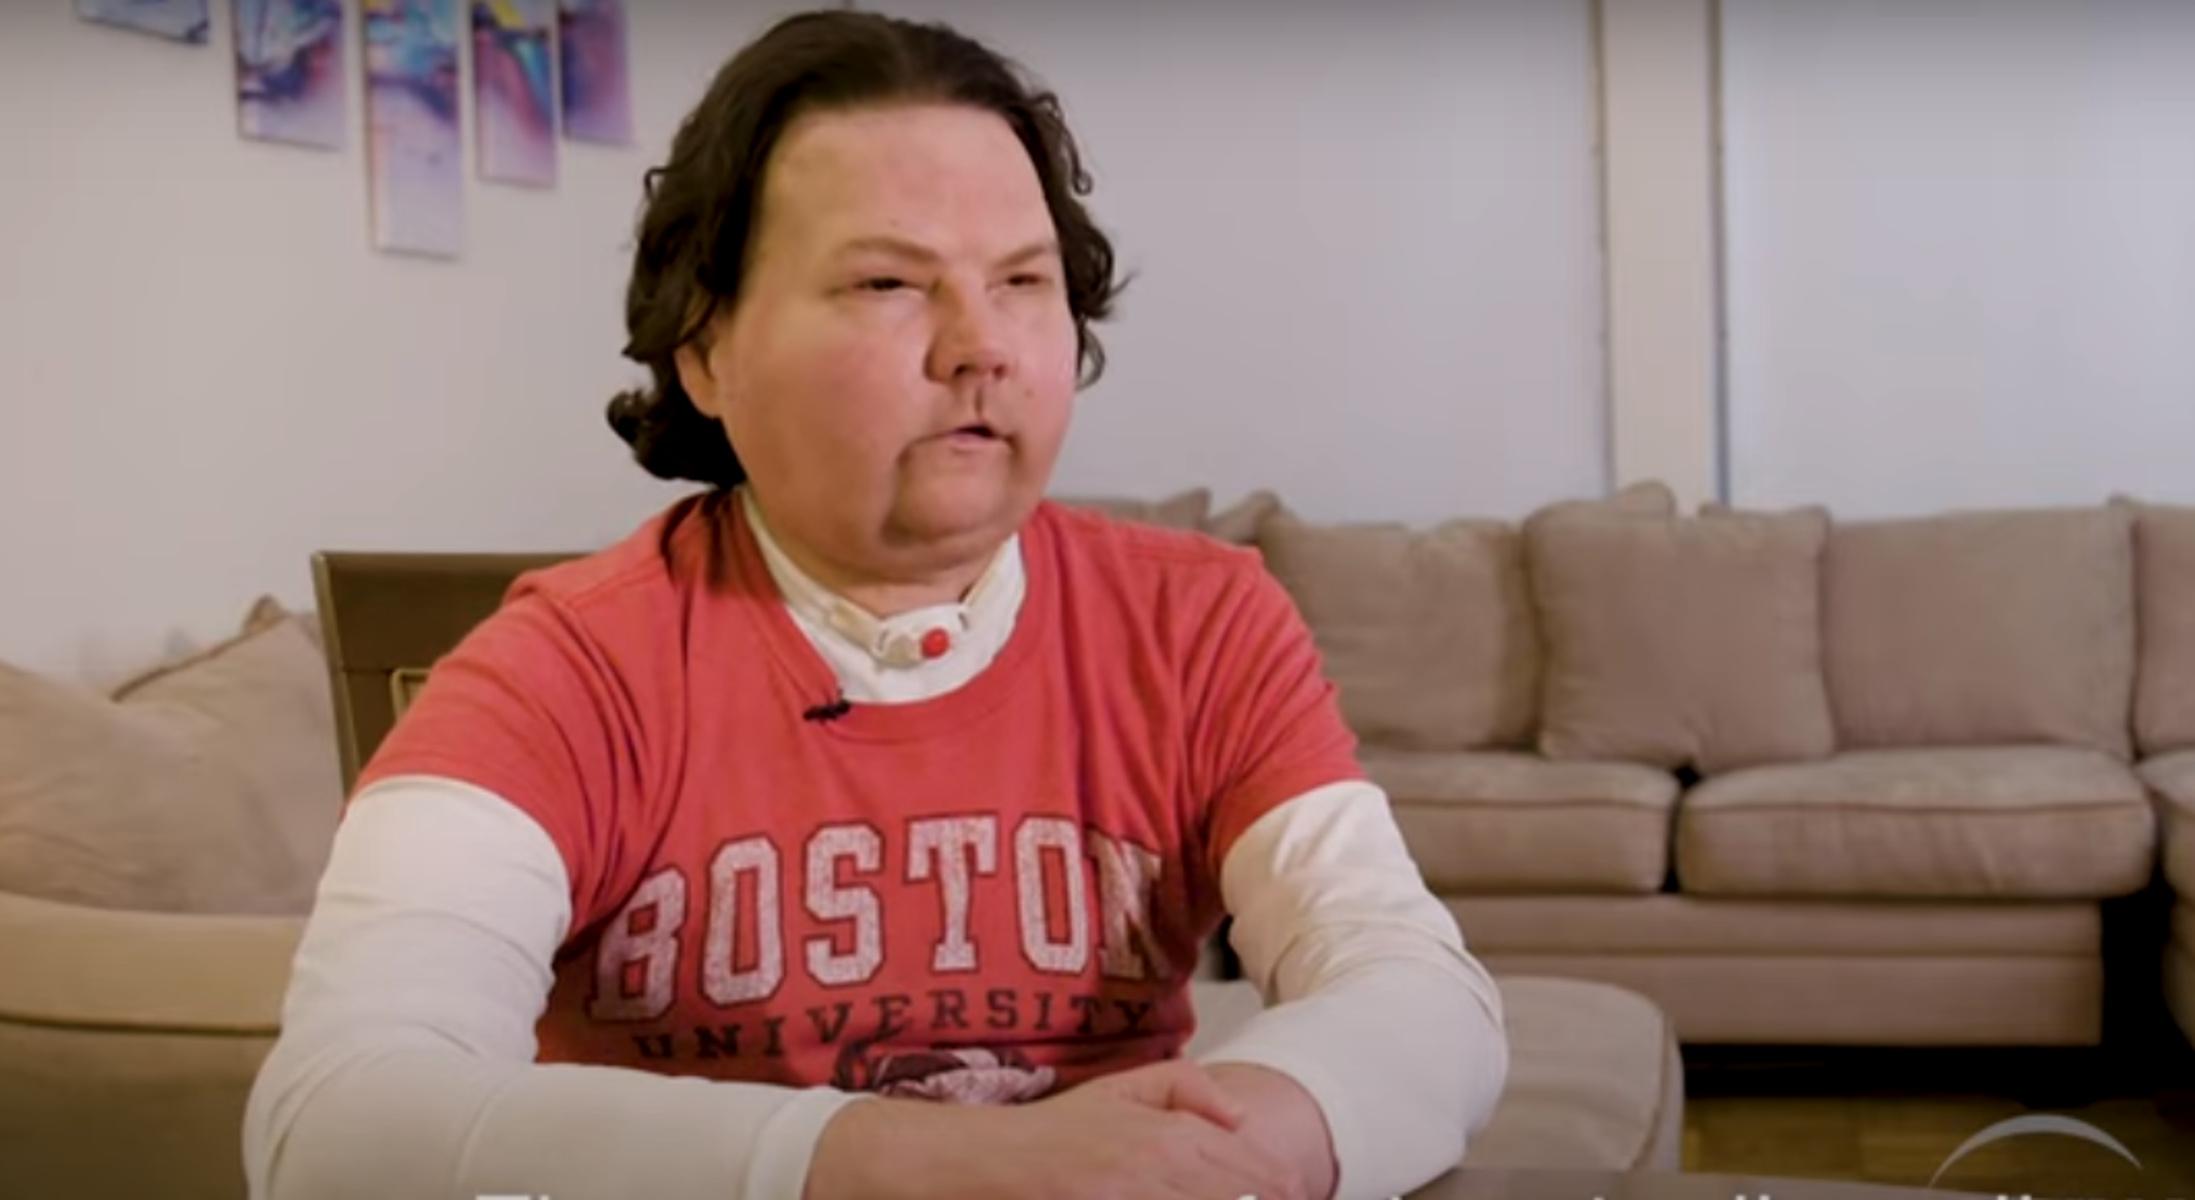 ΗΠΑ: Για πρώτη φορά επιτυχημένη τριπλή μεταμόσχευση προσώπου και χεριών